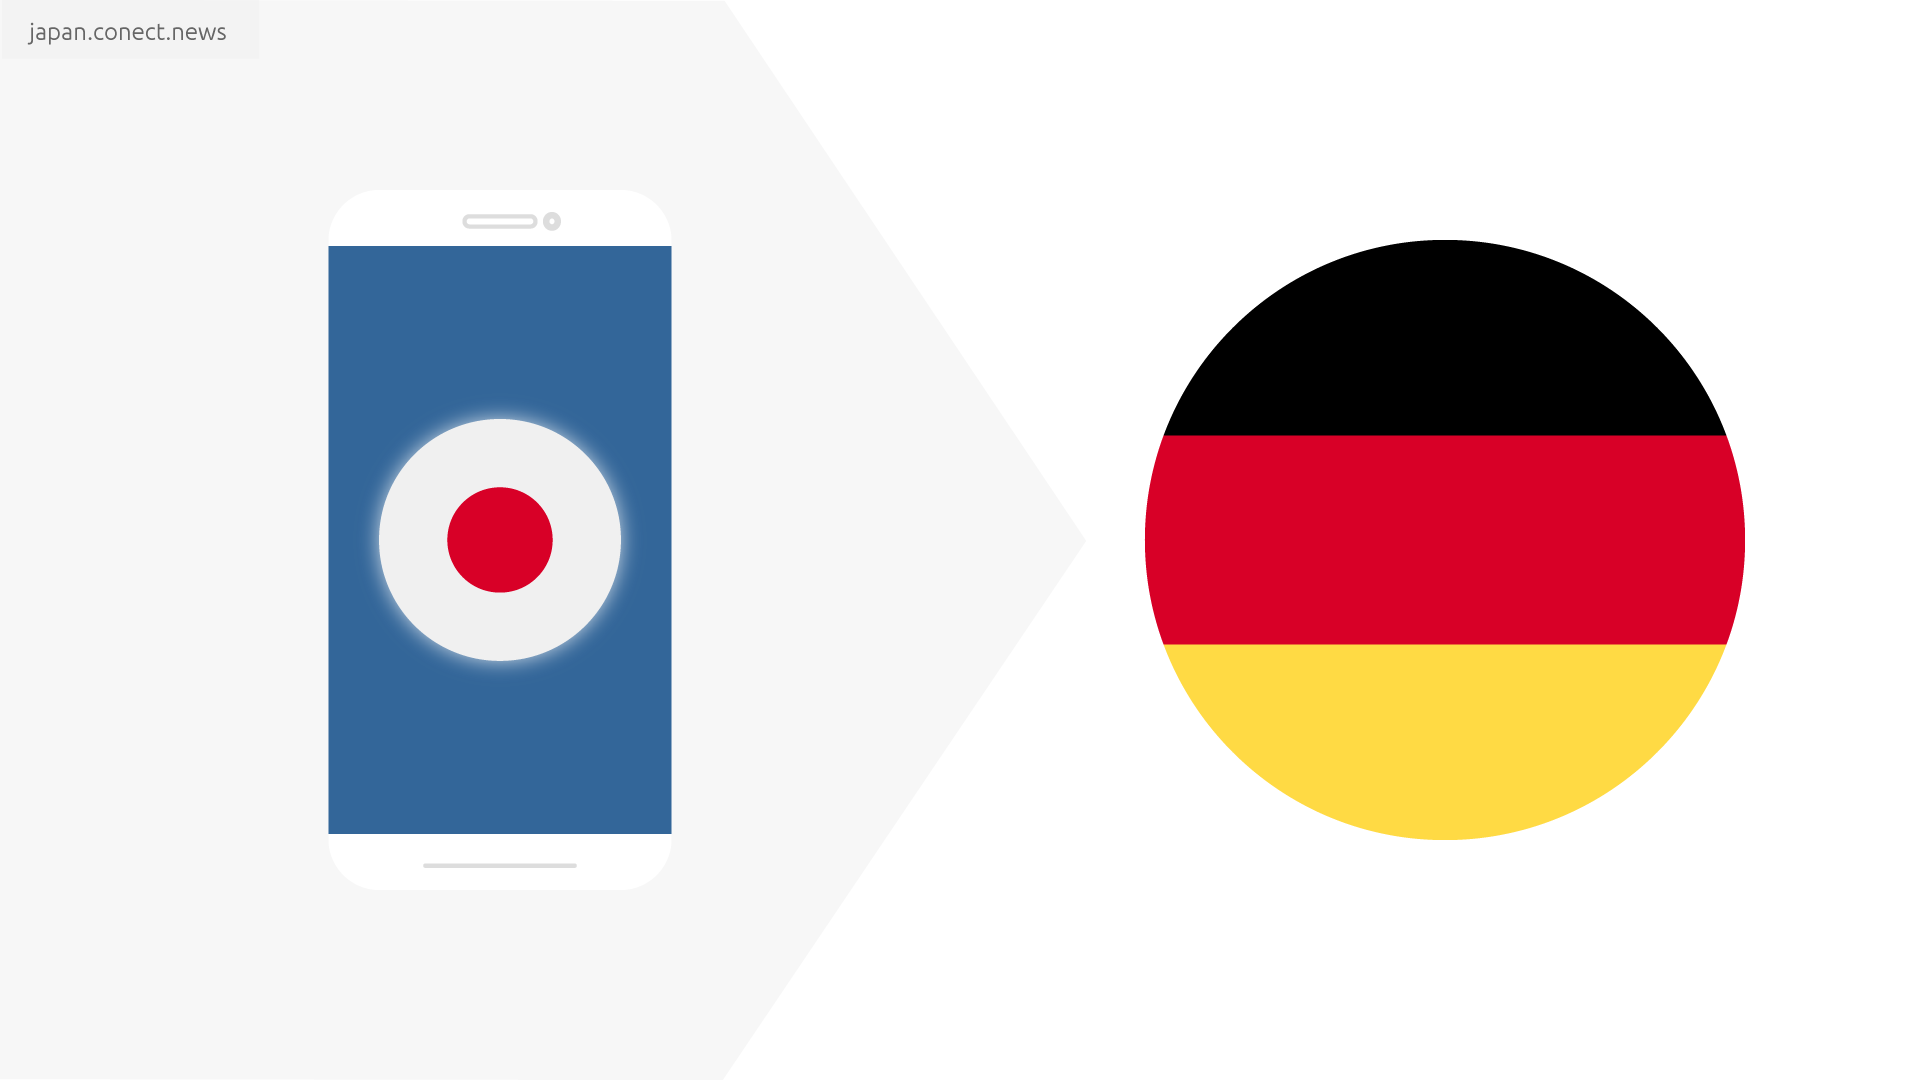 Japan-deutschland @conect_news